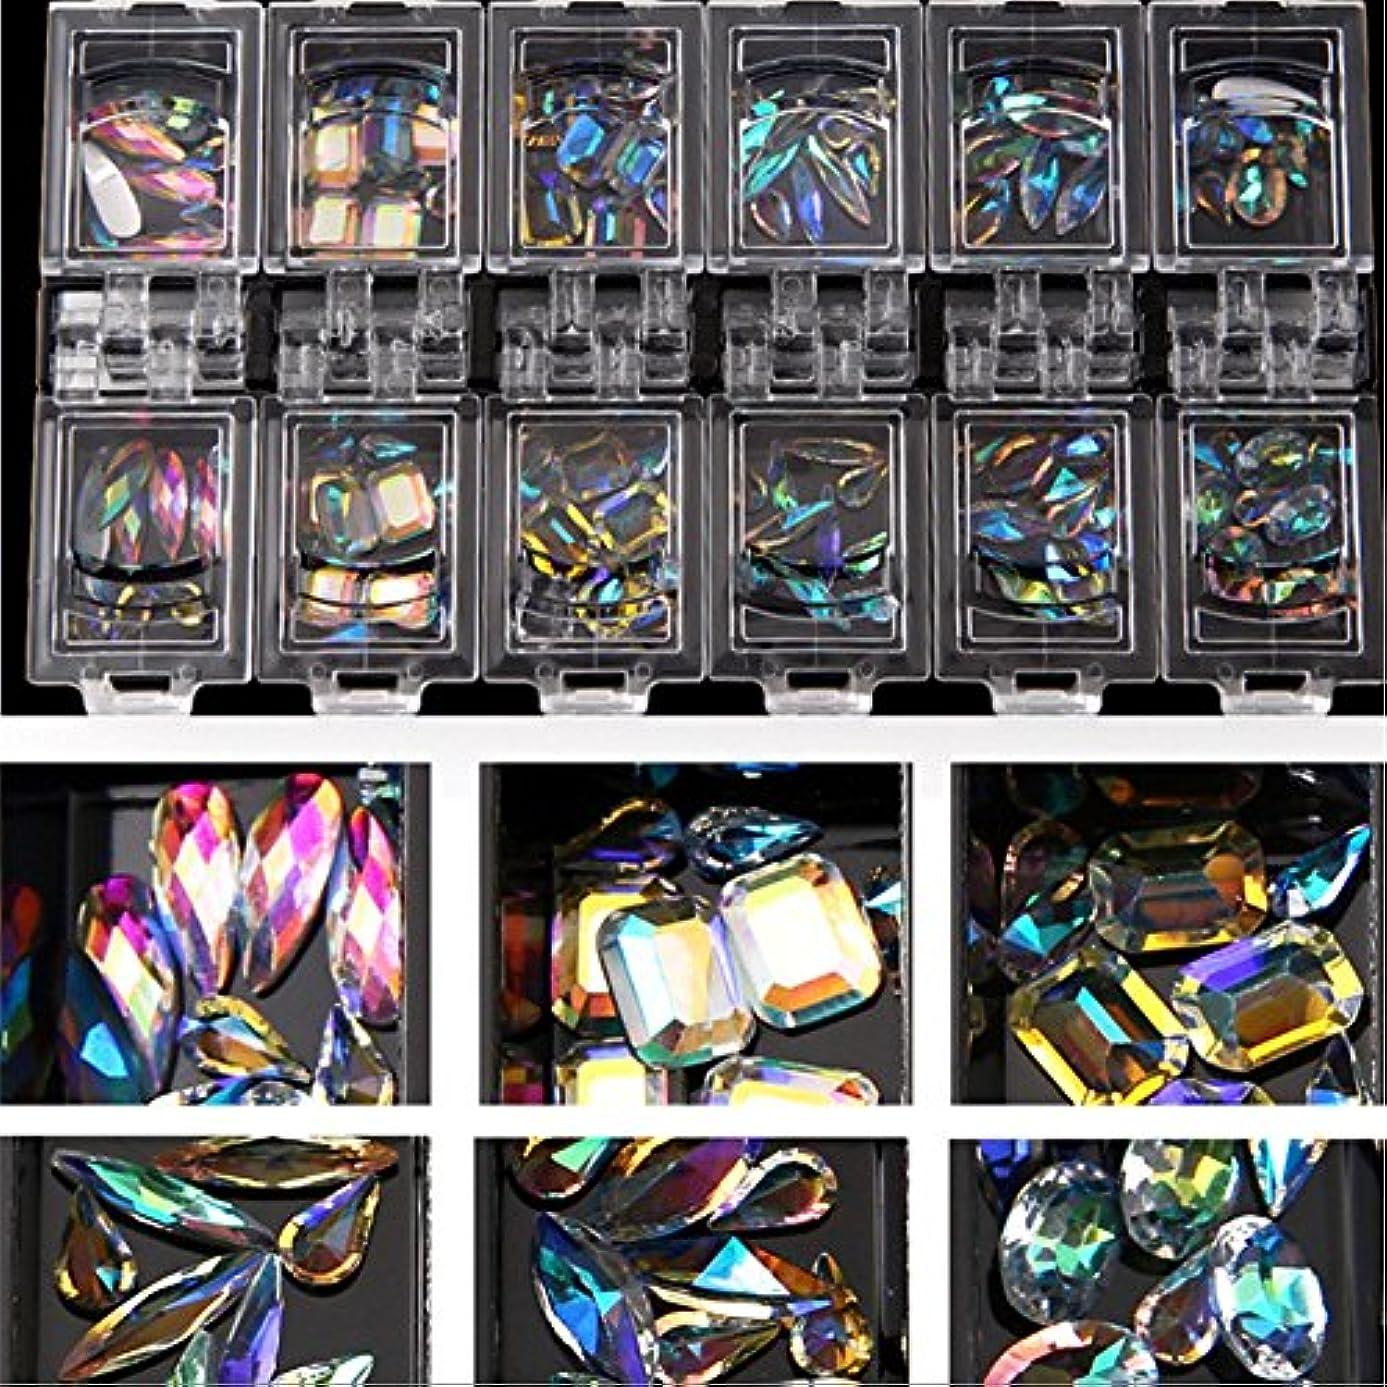 数字どきどき閉じる12スタイル/セット3dネイルアートカラフルなクリアクリスタルミックスサイズレディネイルのヒントデカールデコレーション